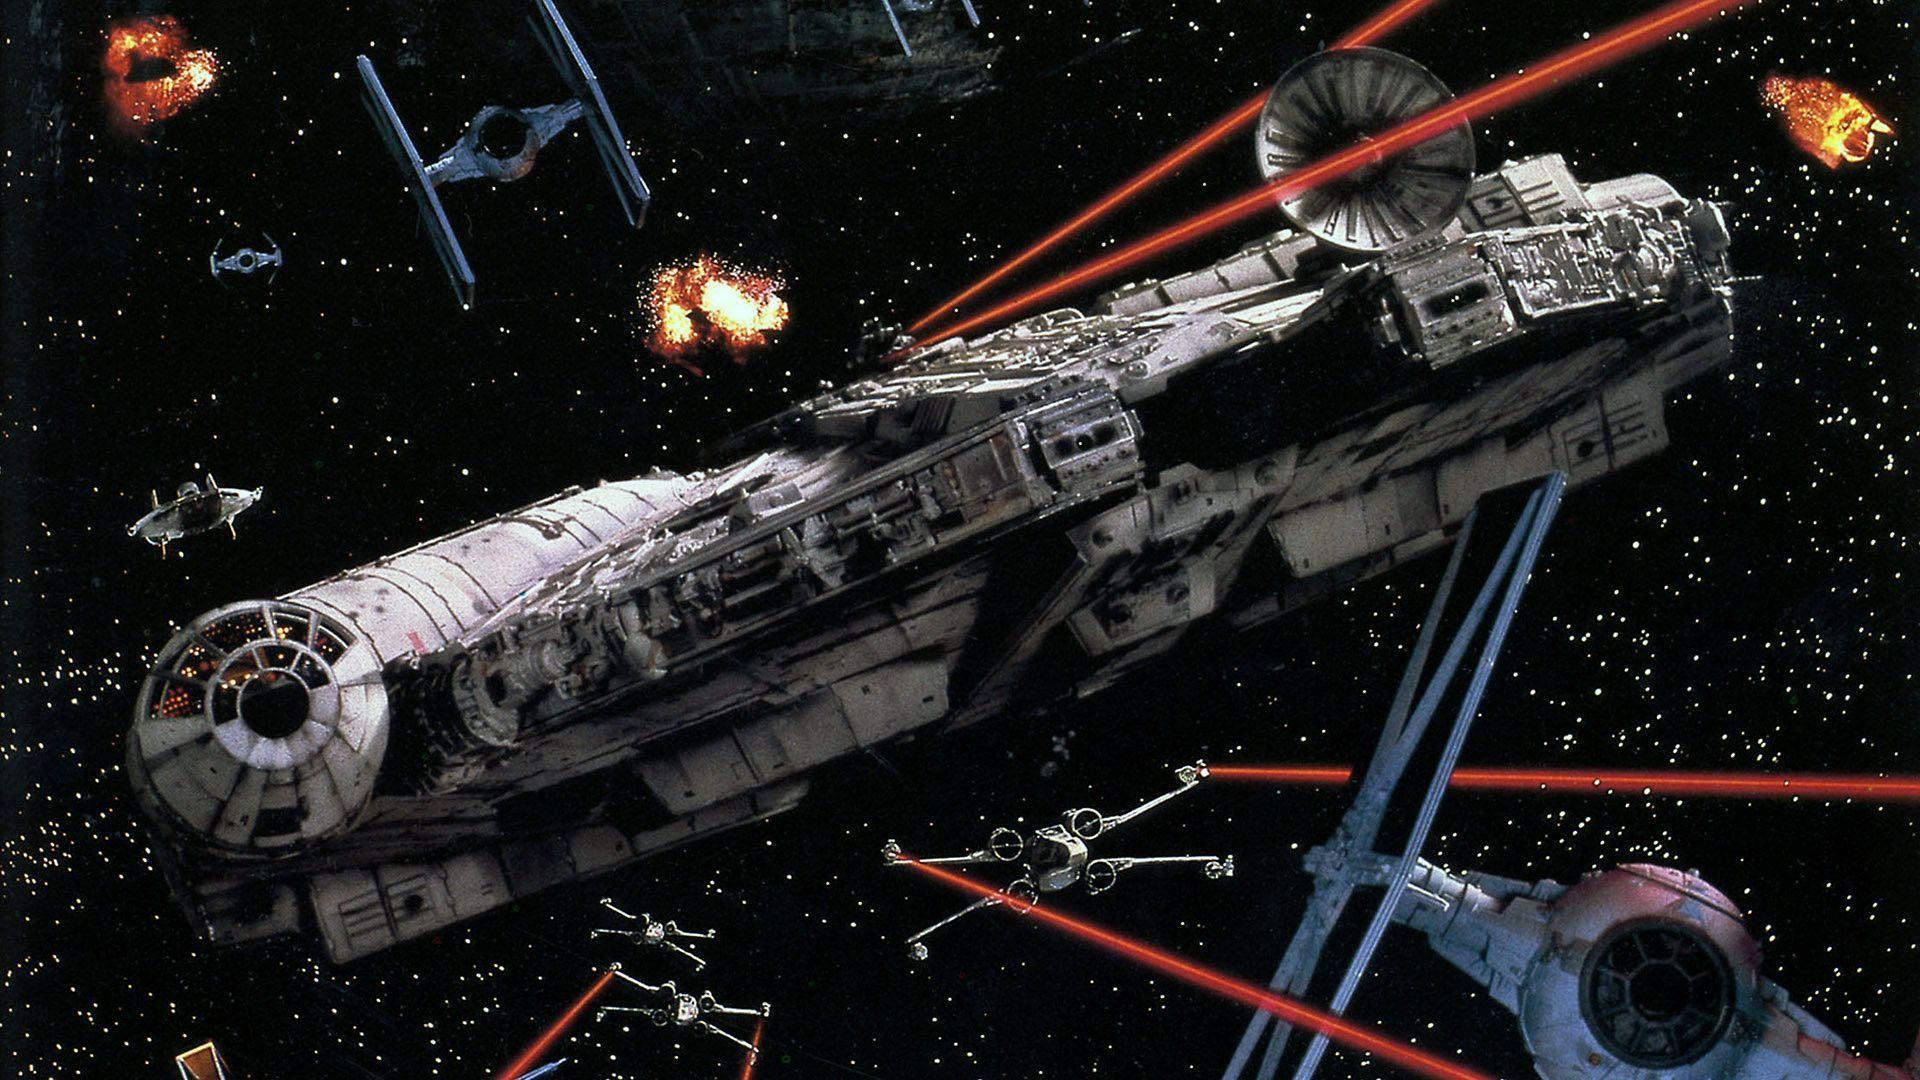 Star Wars Star Wars The Last Jedi Wallpapers Hd Desktop And 1920x1080